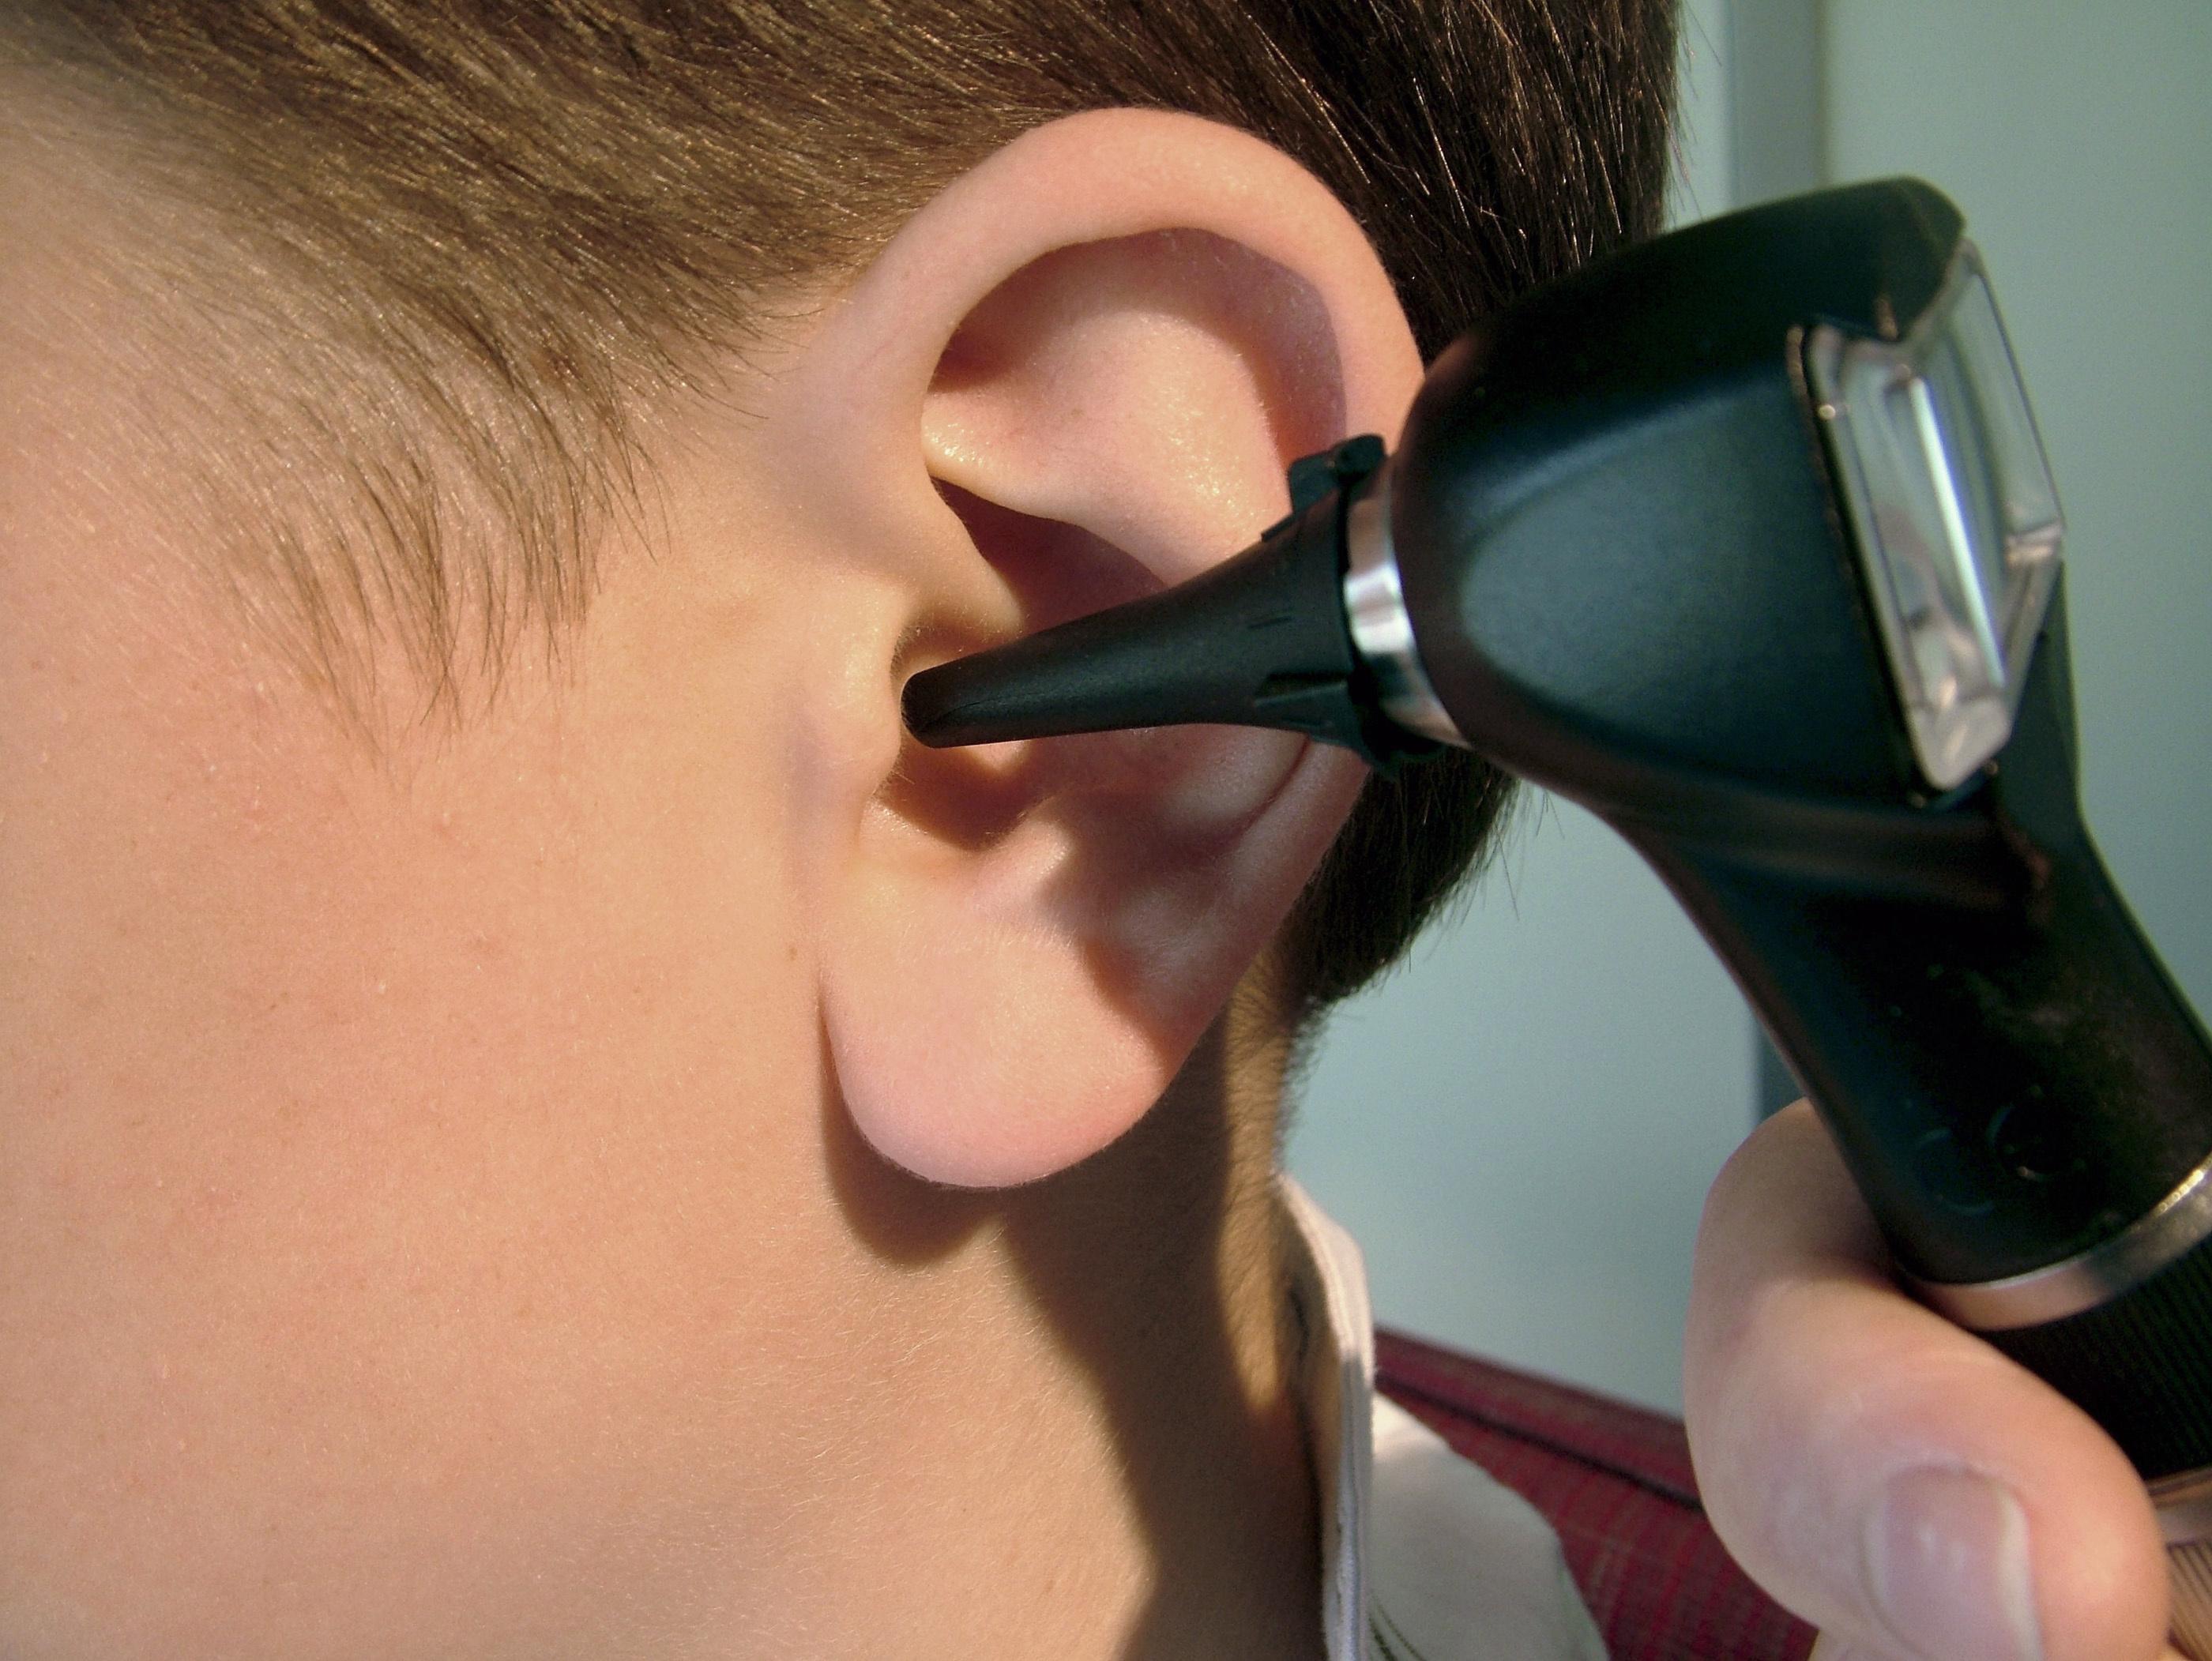 если уши выше бровей Самые извращенные тенденции красоты: Топ-24